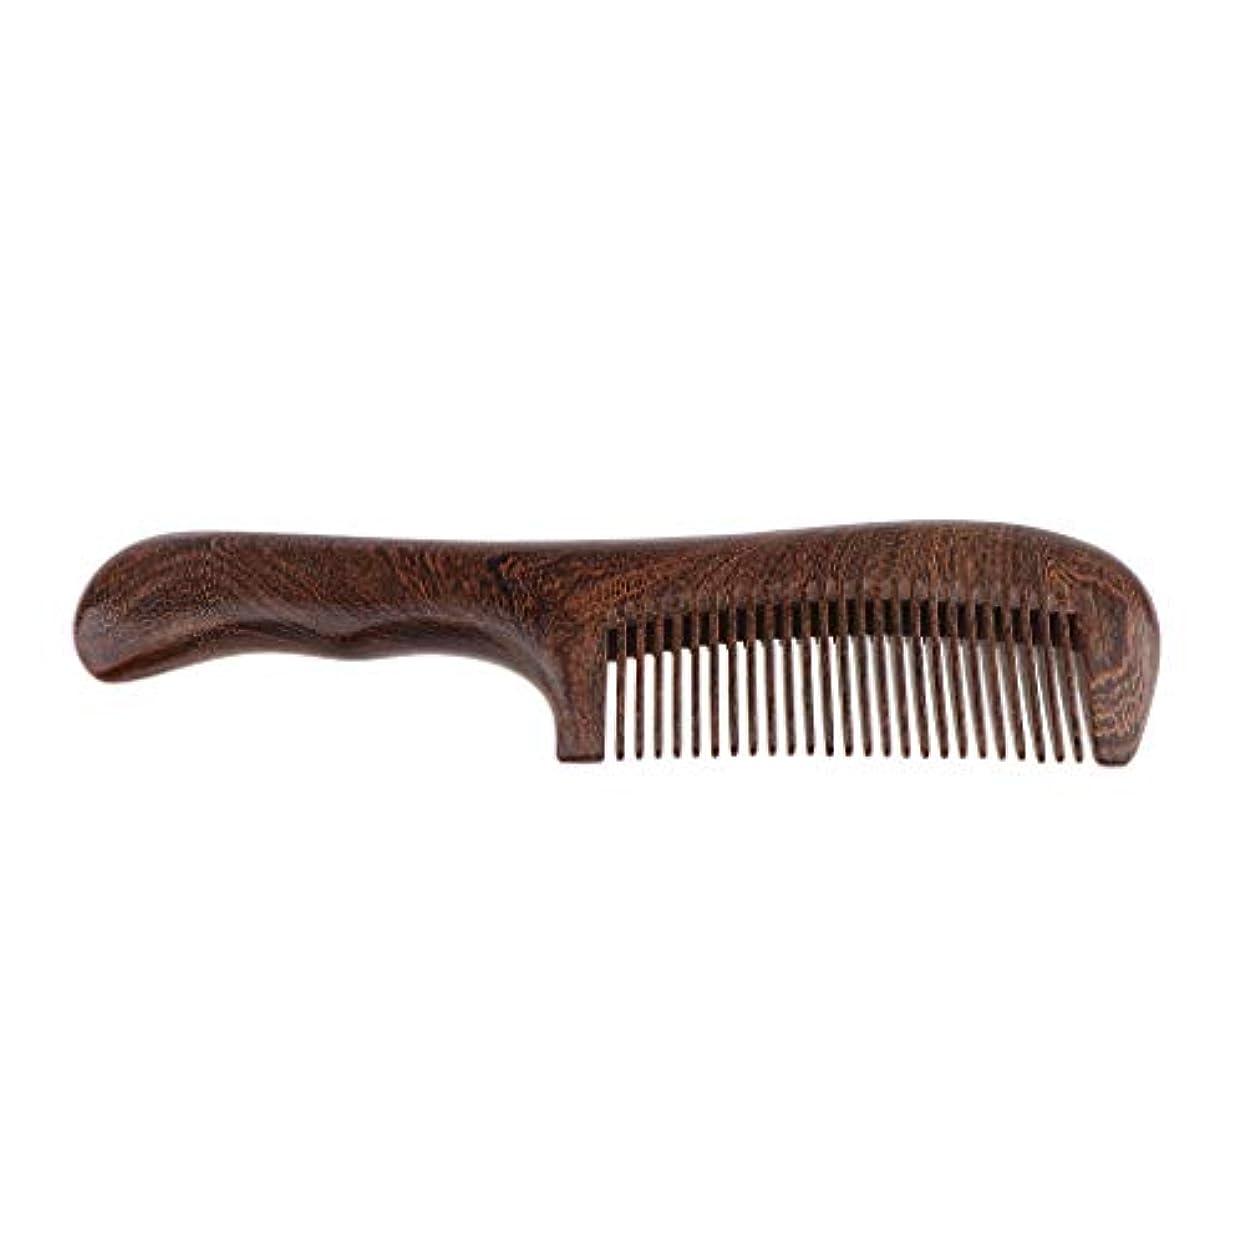 ライセンス背骨セッティング木製櫛 手作り ヘアブラシ ウッドコーム ハンドヘルド マッサージブラシ 2仕様選べ - 細かい歯